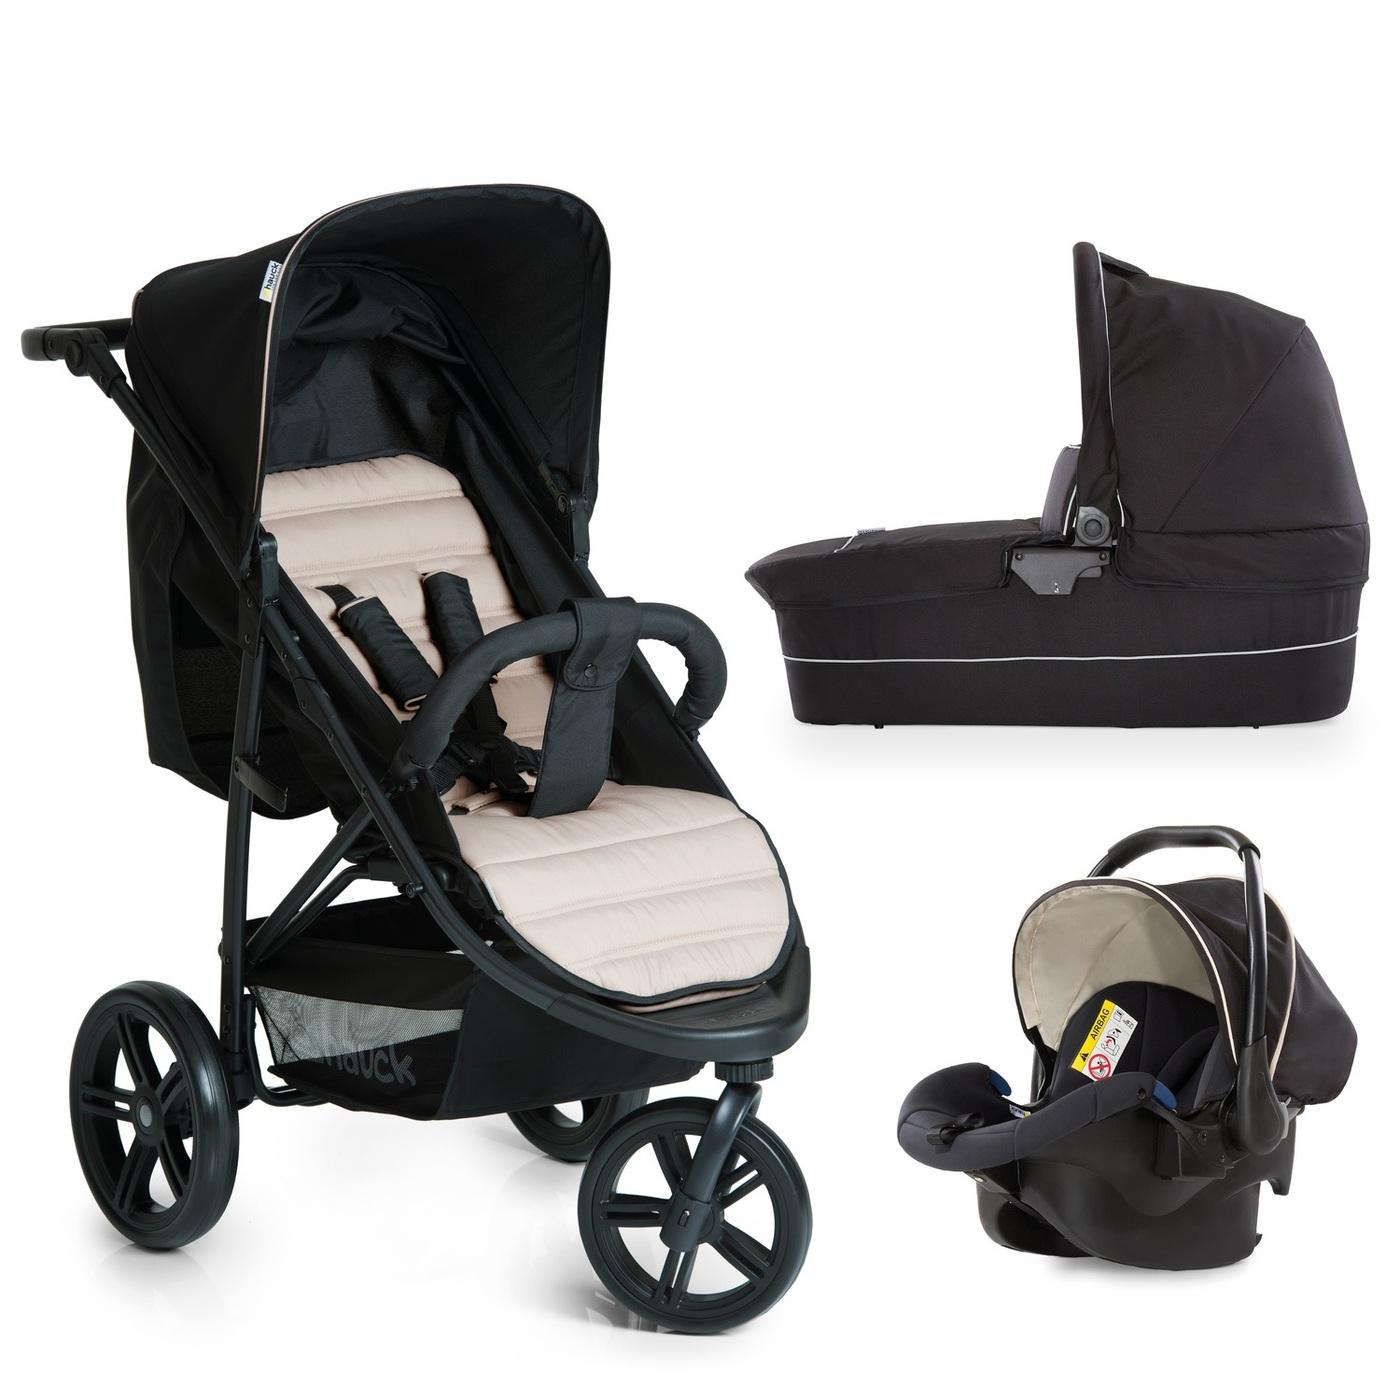 Лучшие трехколесные коляски: прогулочные, для новорожденных, 2 в 1, 3 в 1